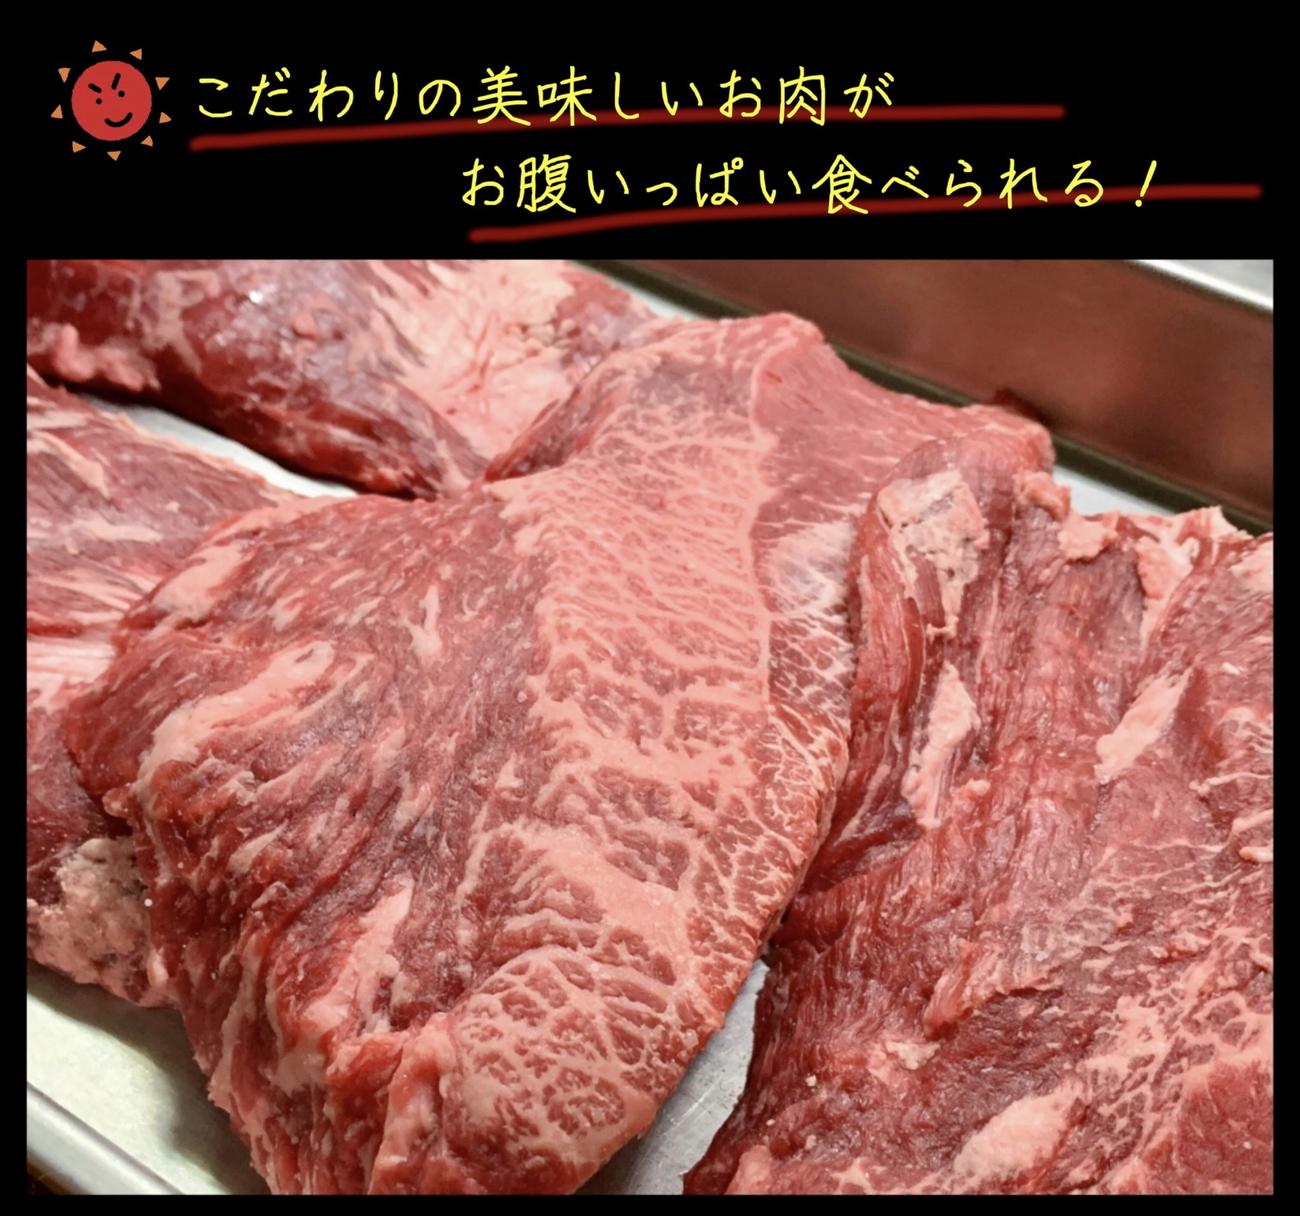 こだわりの美味しいお肉がお腹いっぱい食べられる!